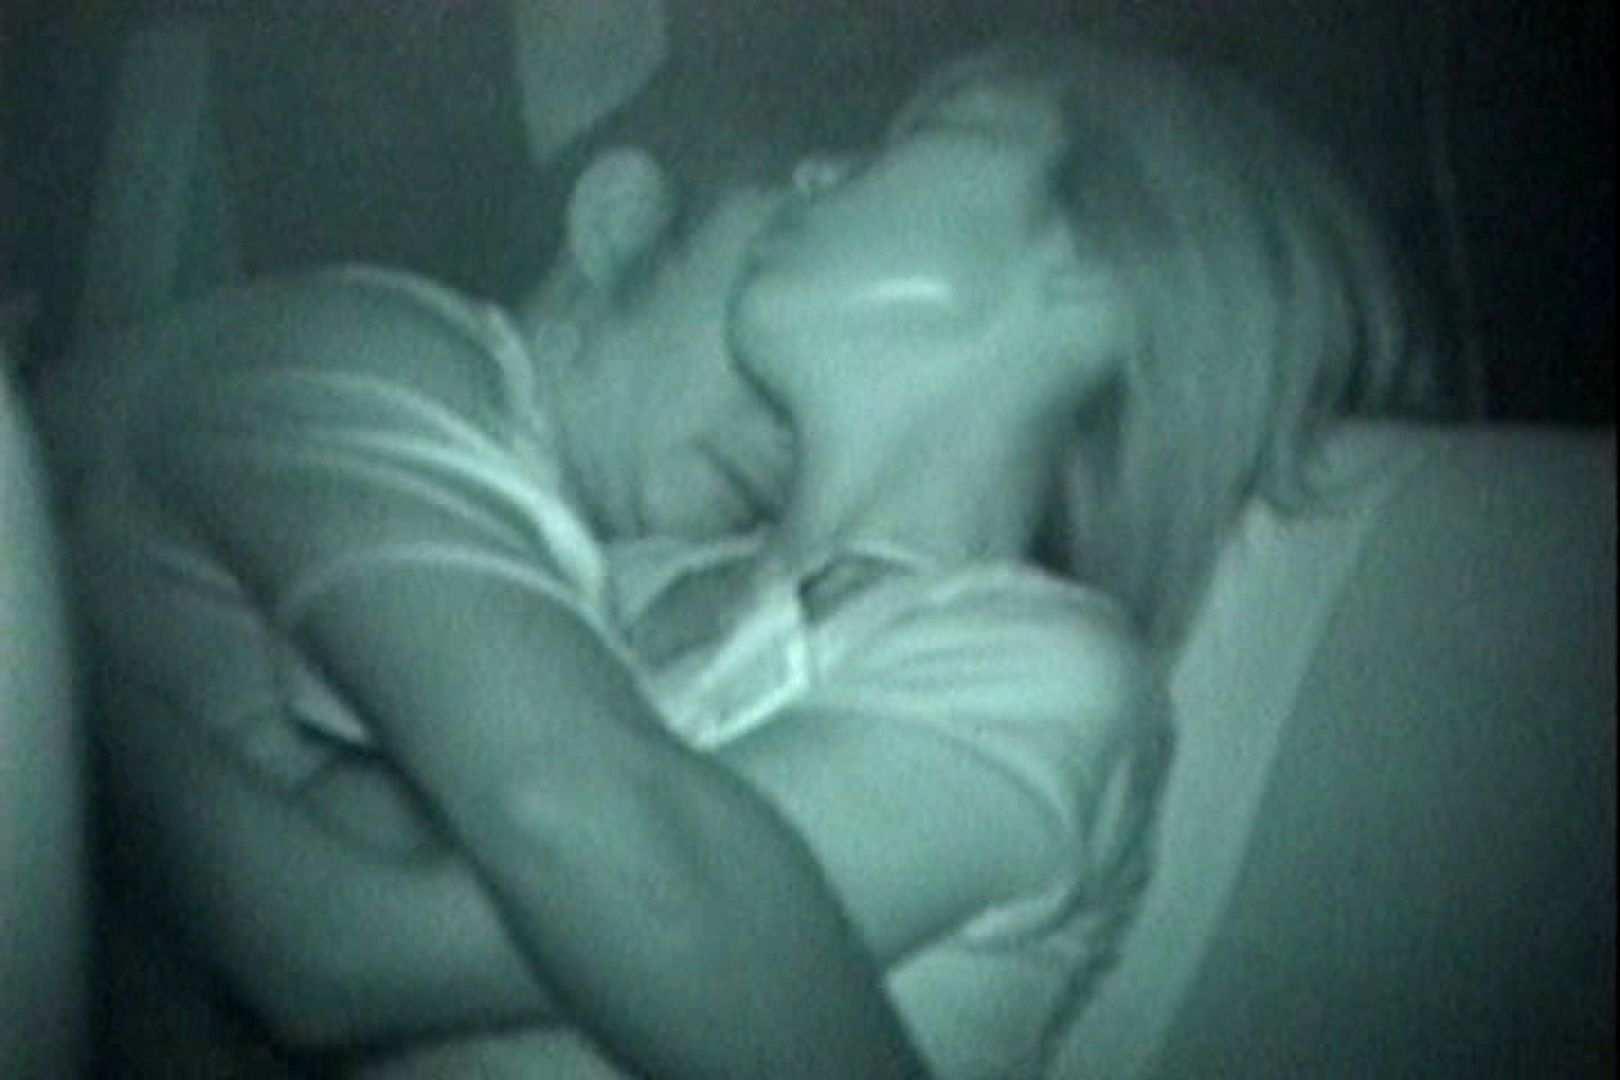 充血監督の深夜の運動会Vol.143 性欲溢れる女性達 オメコ無修正動画無料 109pic 103